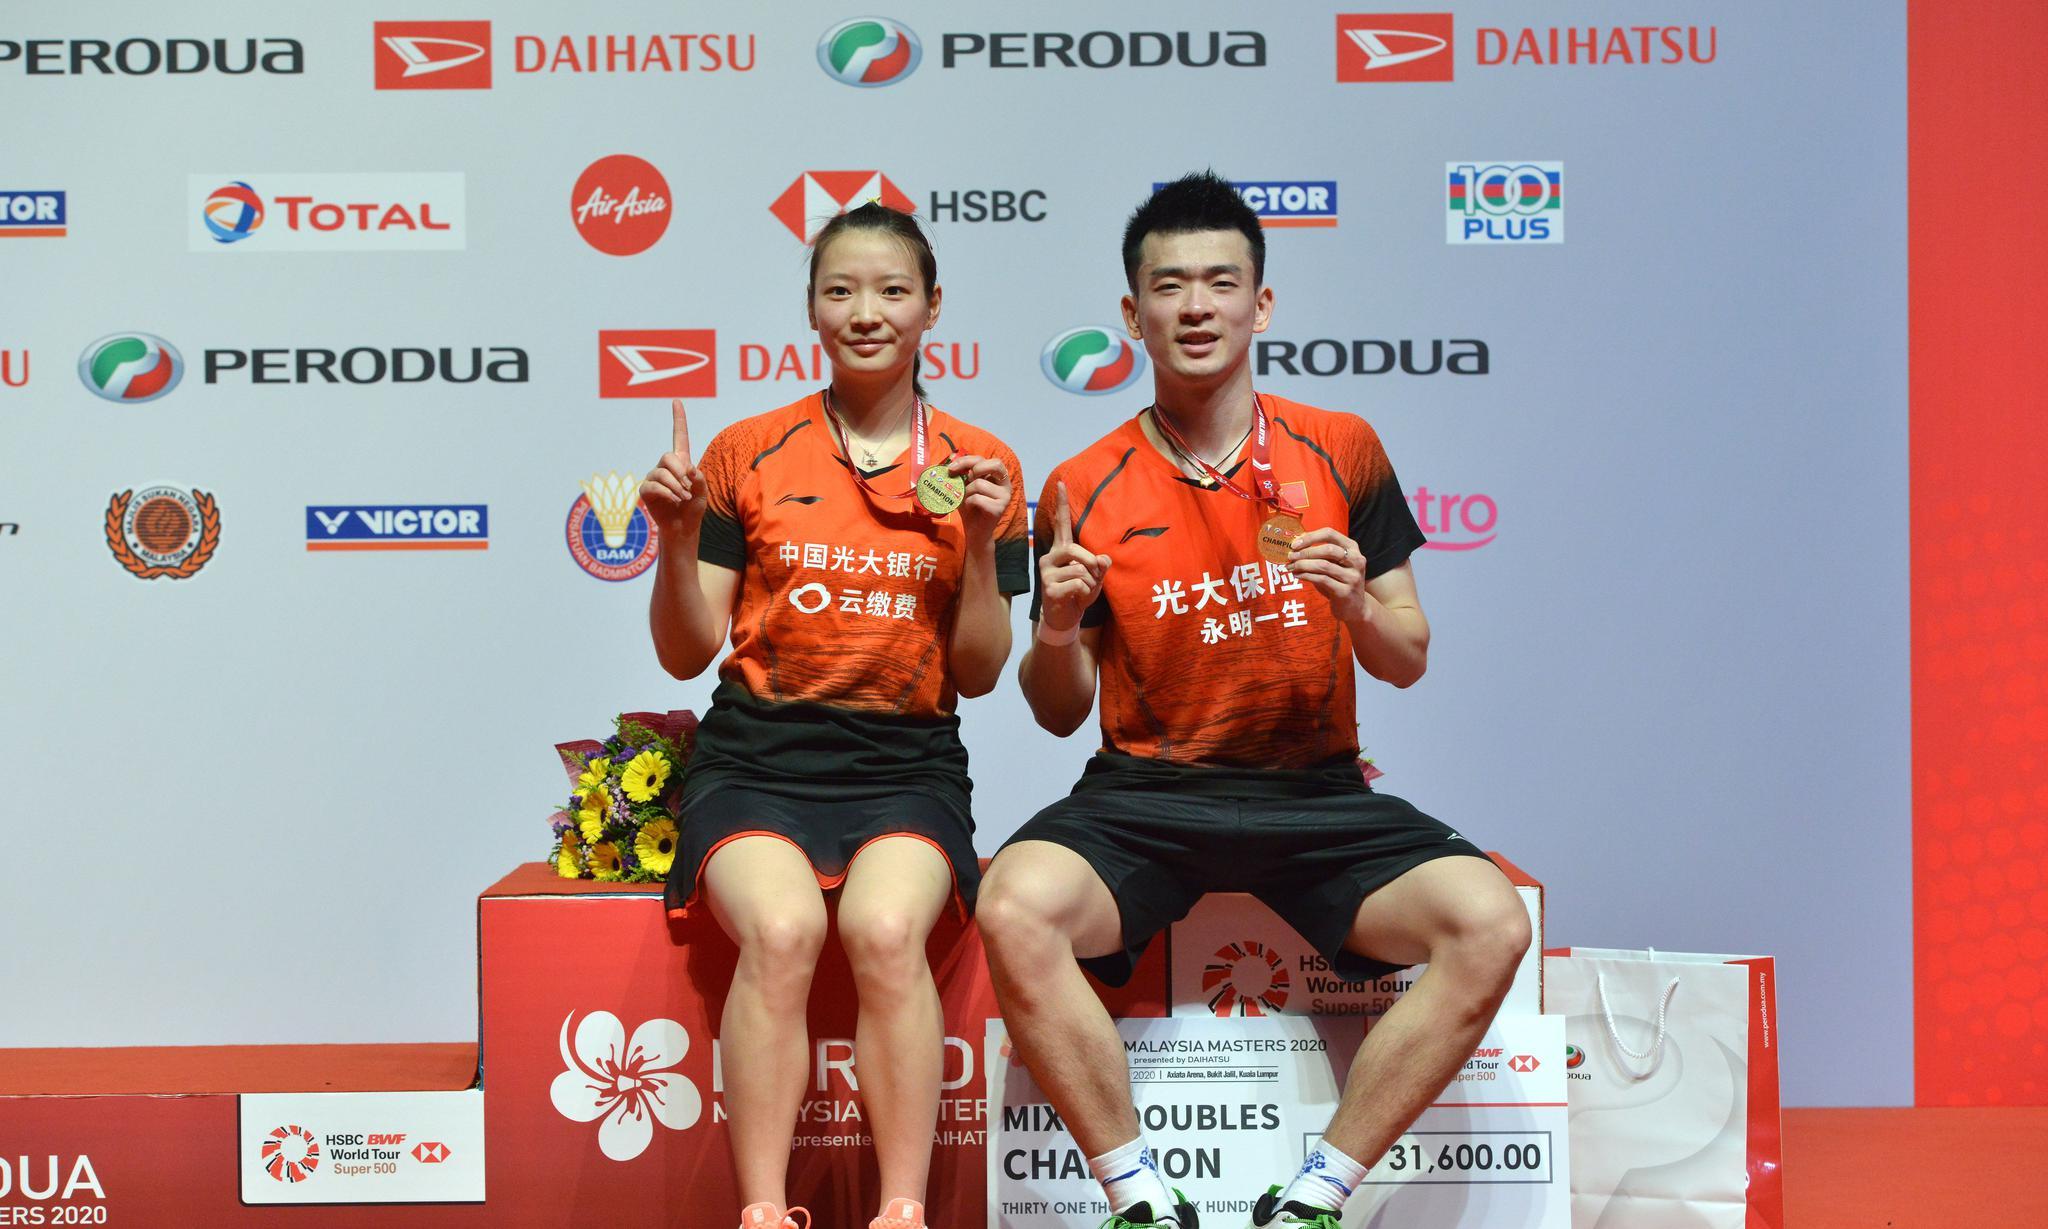 羽毛球——马来西亚大师赛:郑思维/黄雅琼混双夺冠